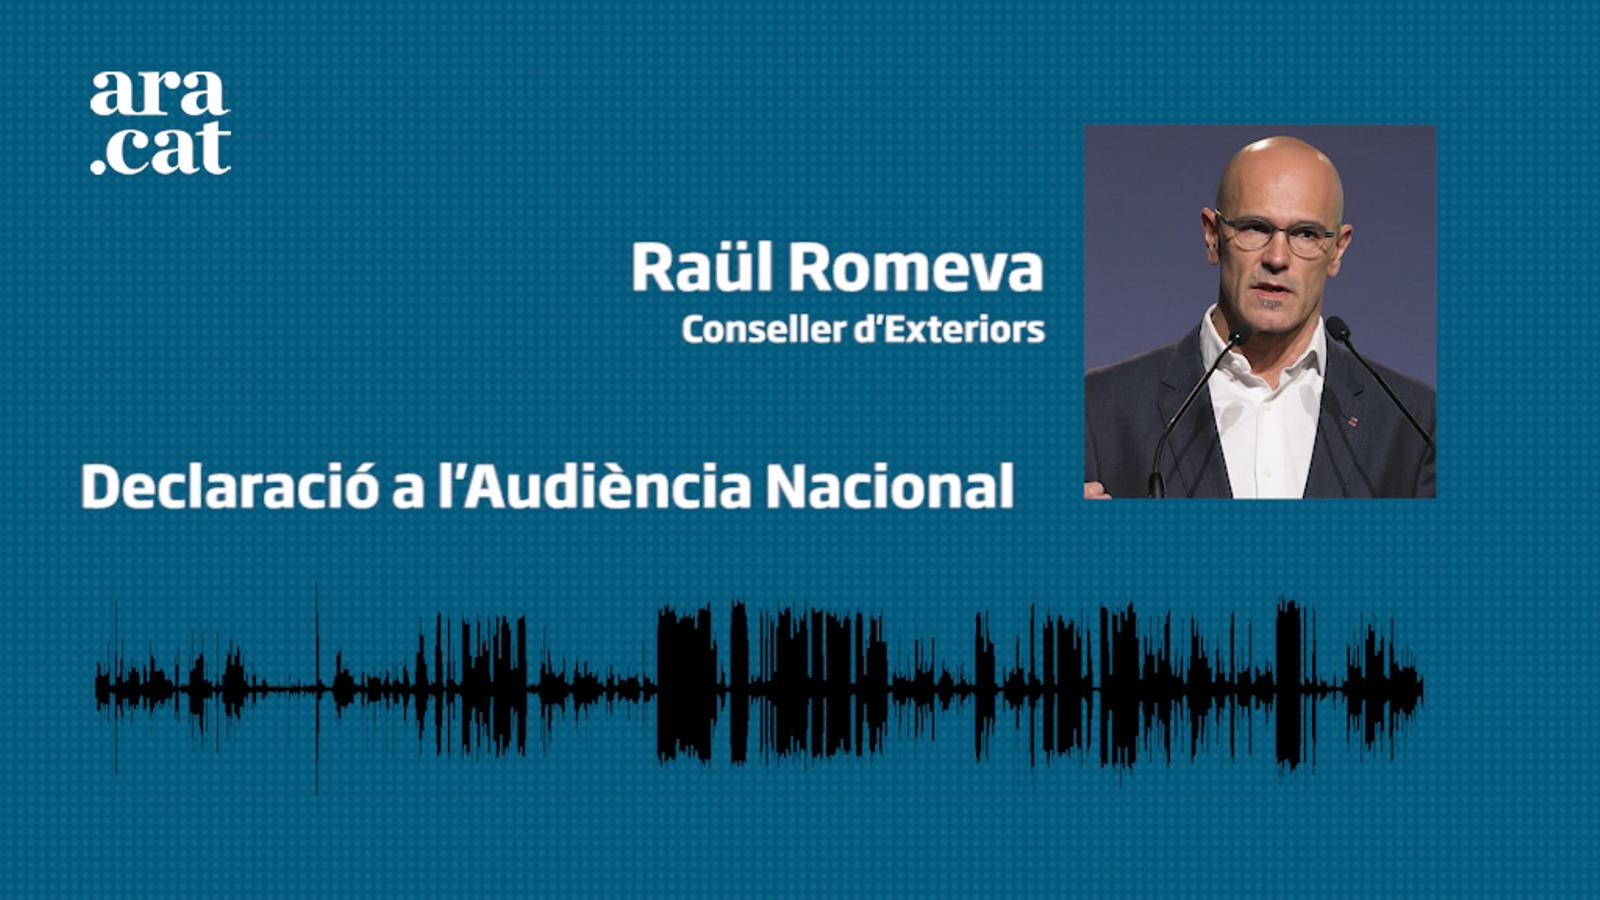 Raül Romeva declara a l'Audiència Nacional